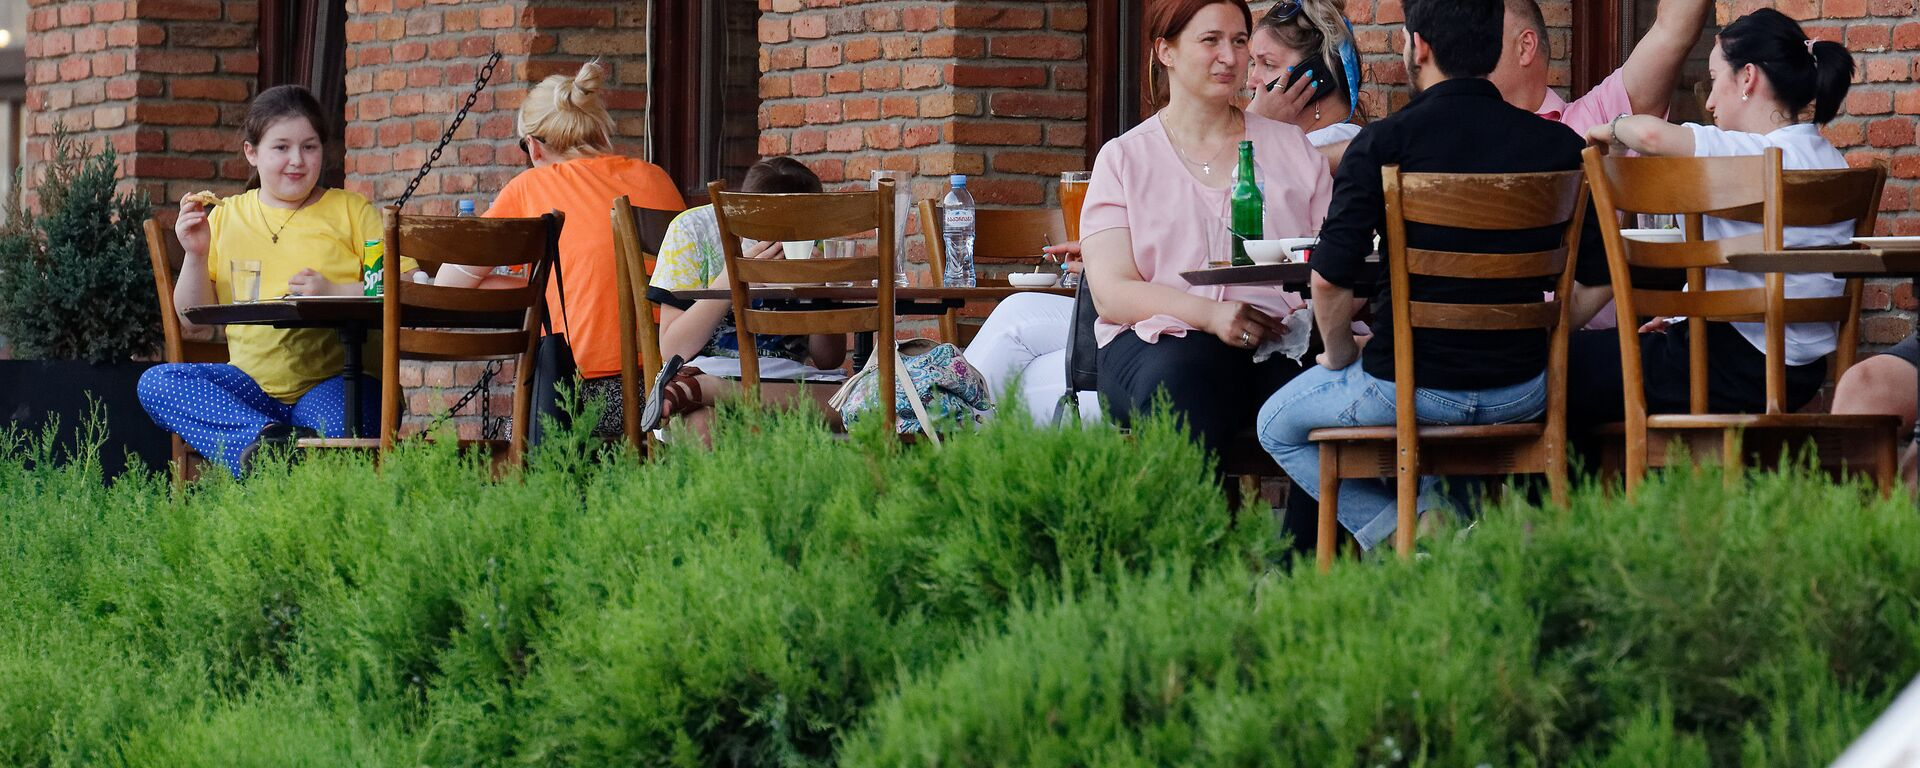 Эпидемия коронавируса - работа кафе баров и ресторанов в центре города - Sputnik Грузия, 1920, 23.09.2021